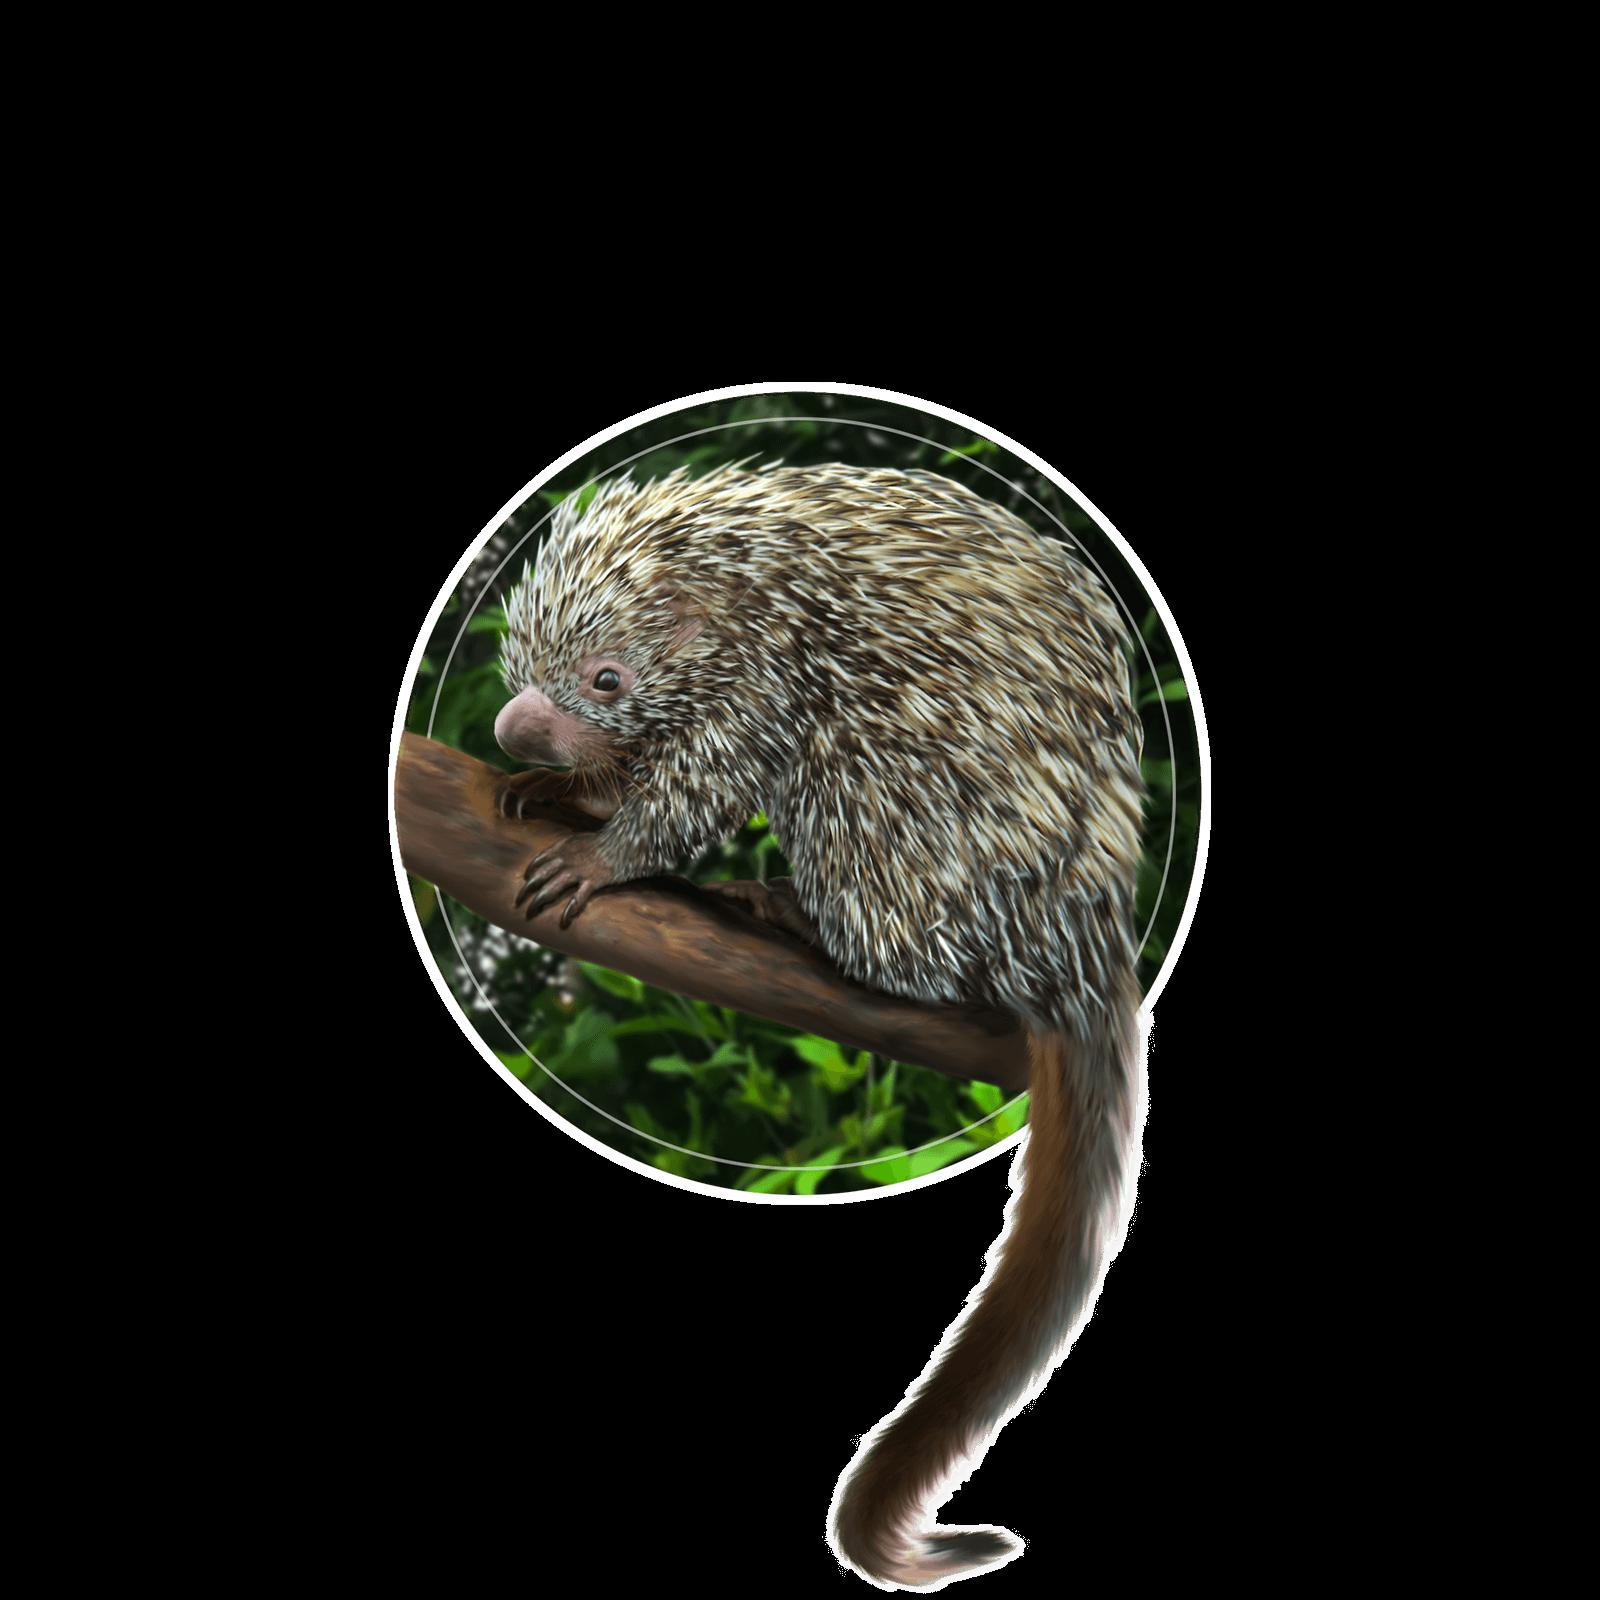 Ilustração de ouriço-cacheiro no galho de uma árvore